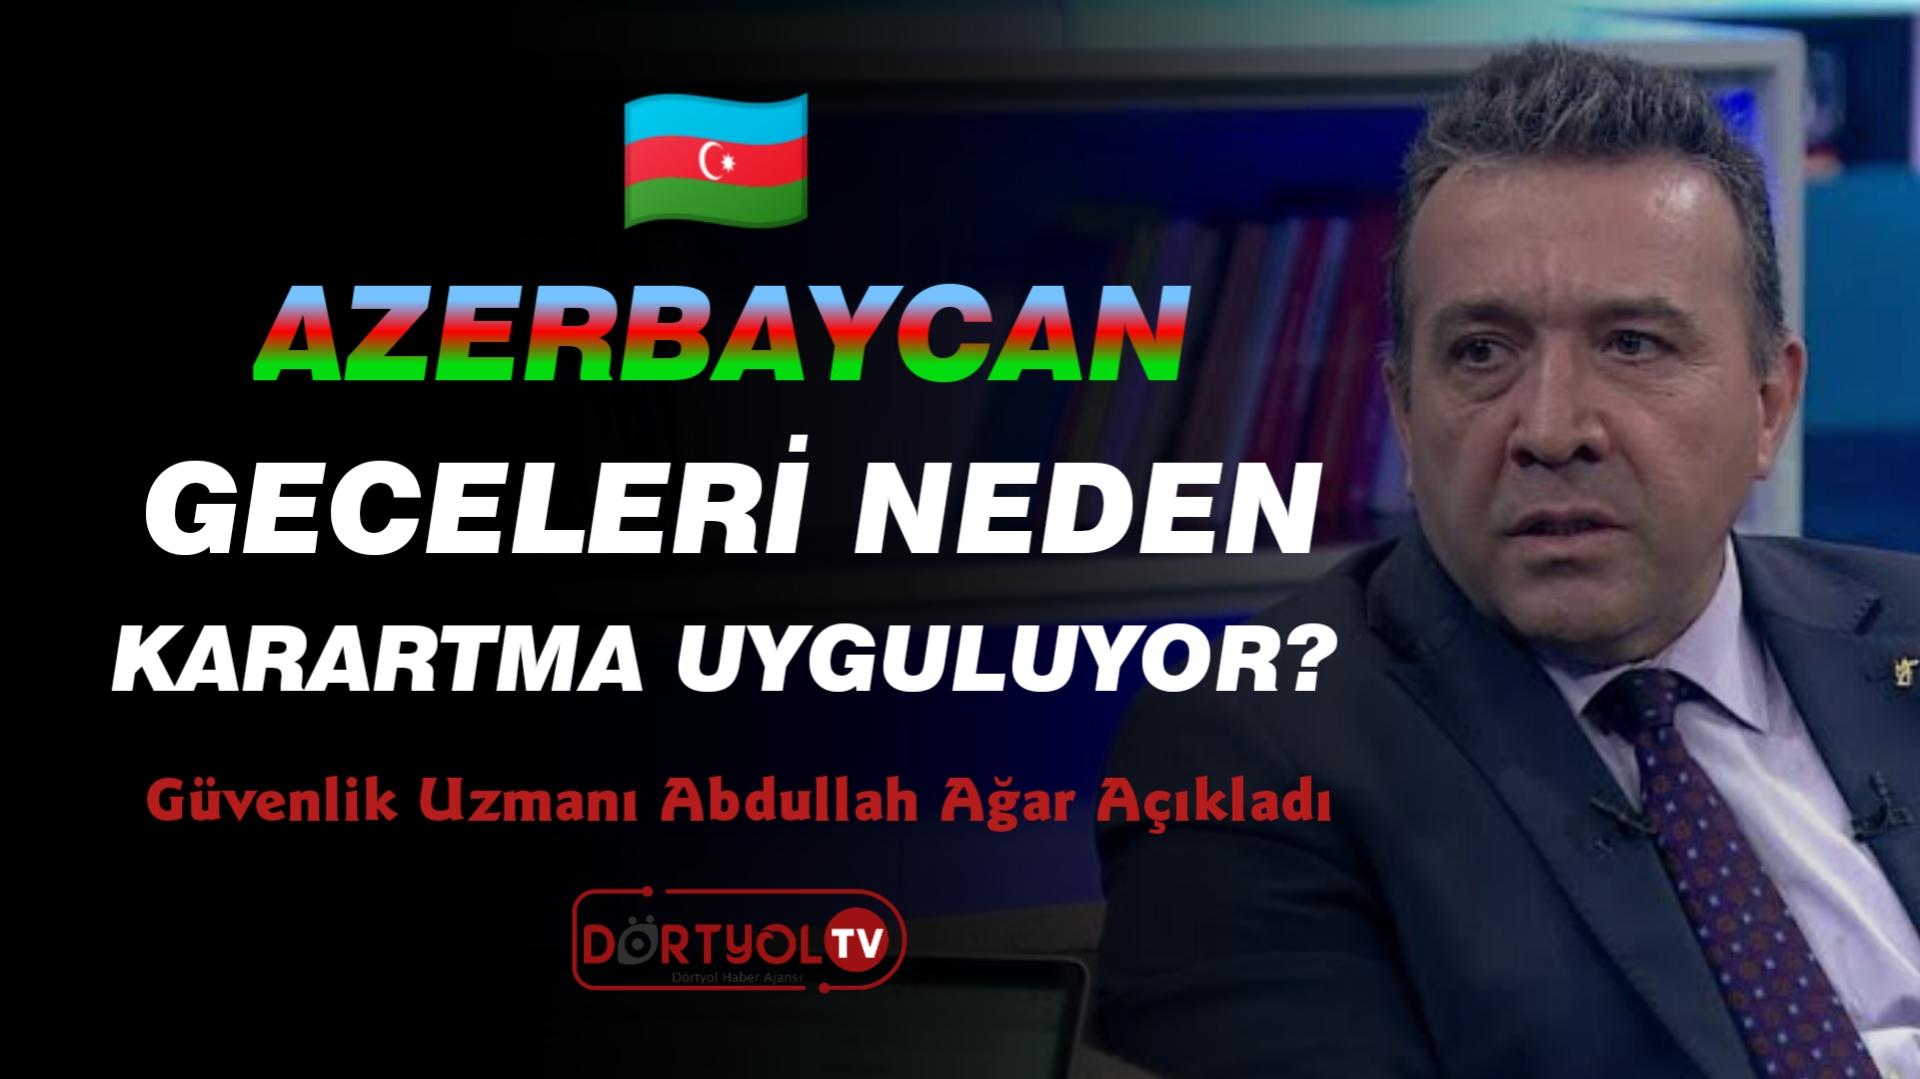 Azerbaycan geceleri neden karartma uyguluyor?